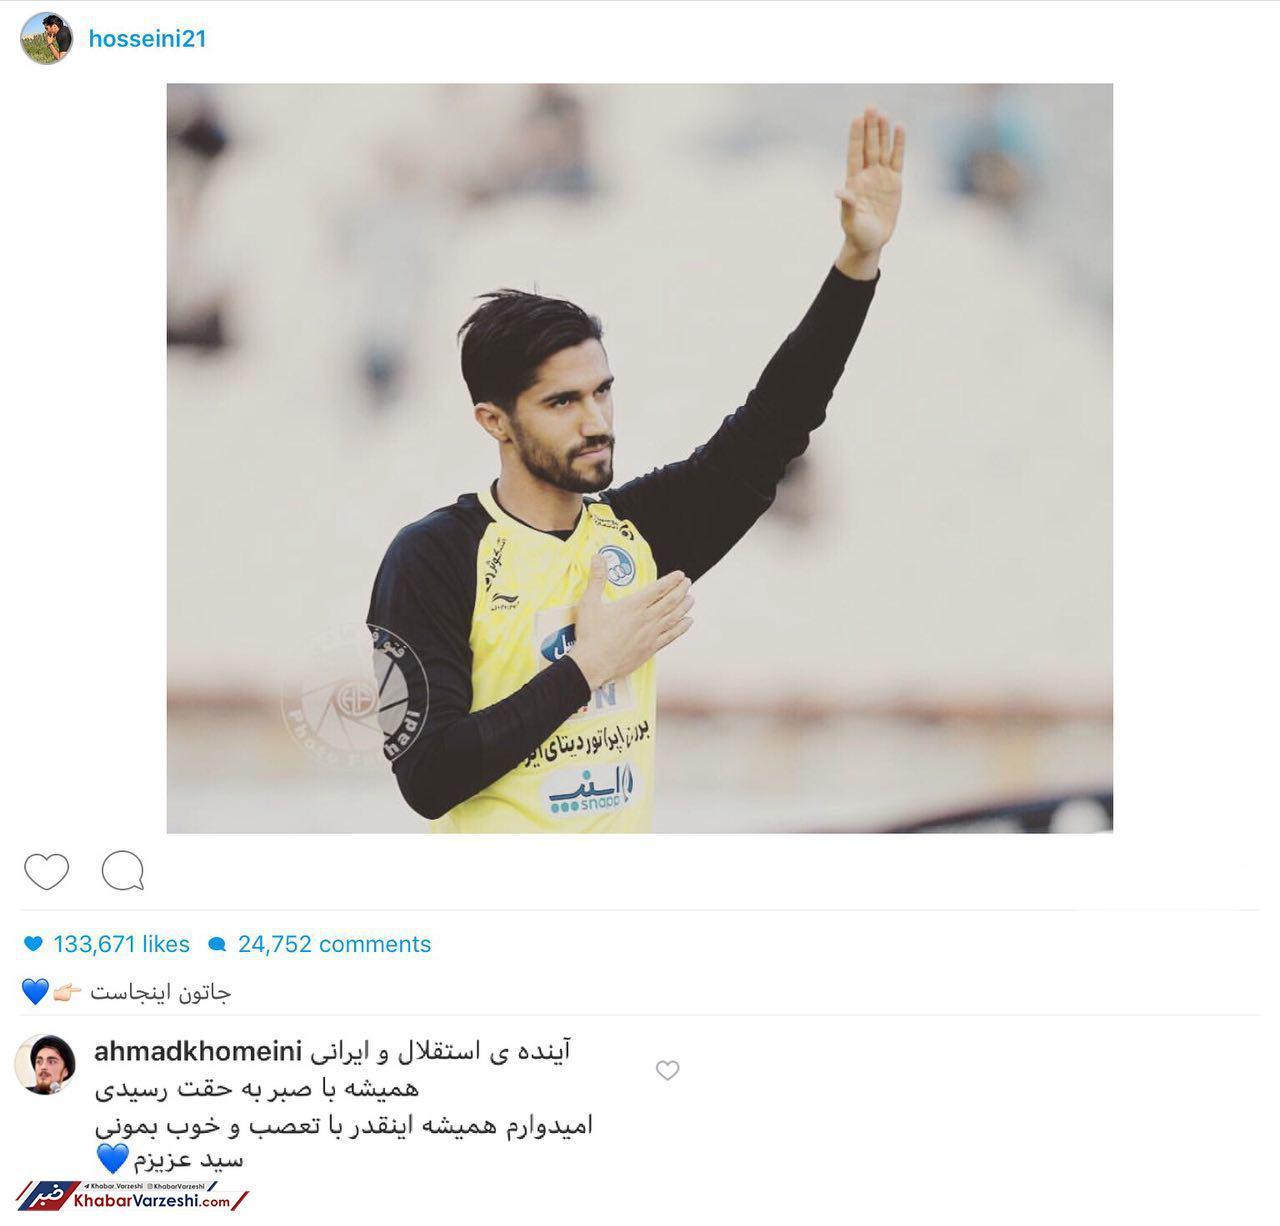 عکس| حمایت و توصیه فرزند سیدحسن خمینی به دروزاهبان شاکی استقلال